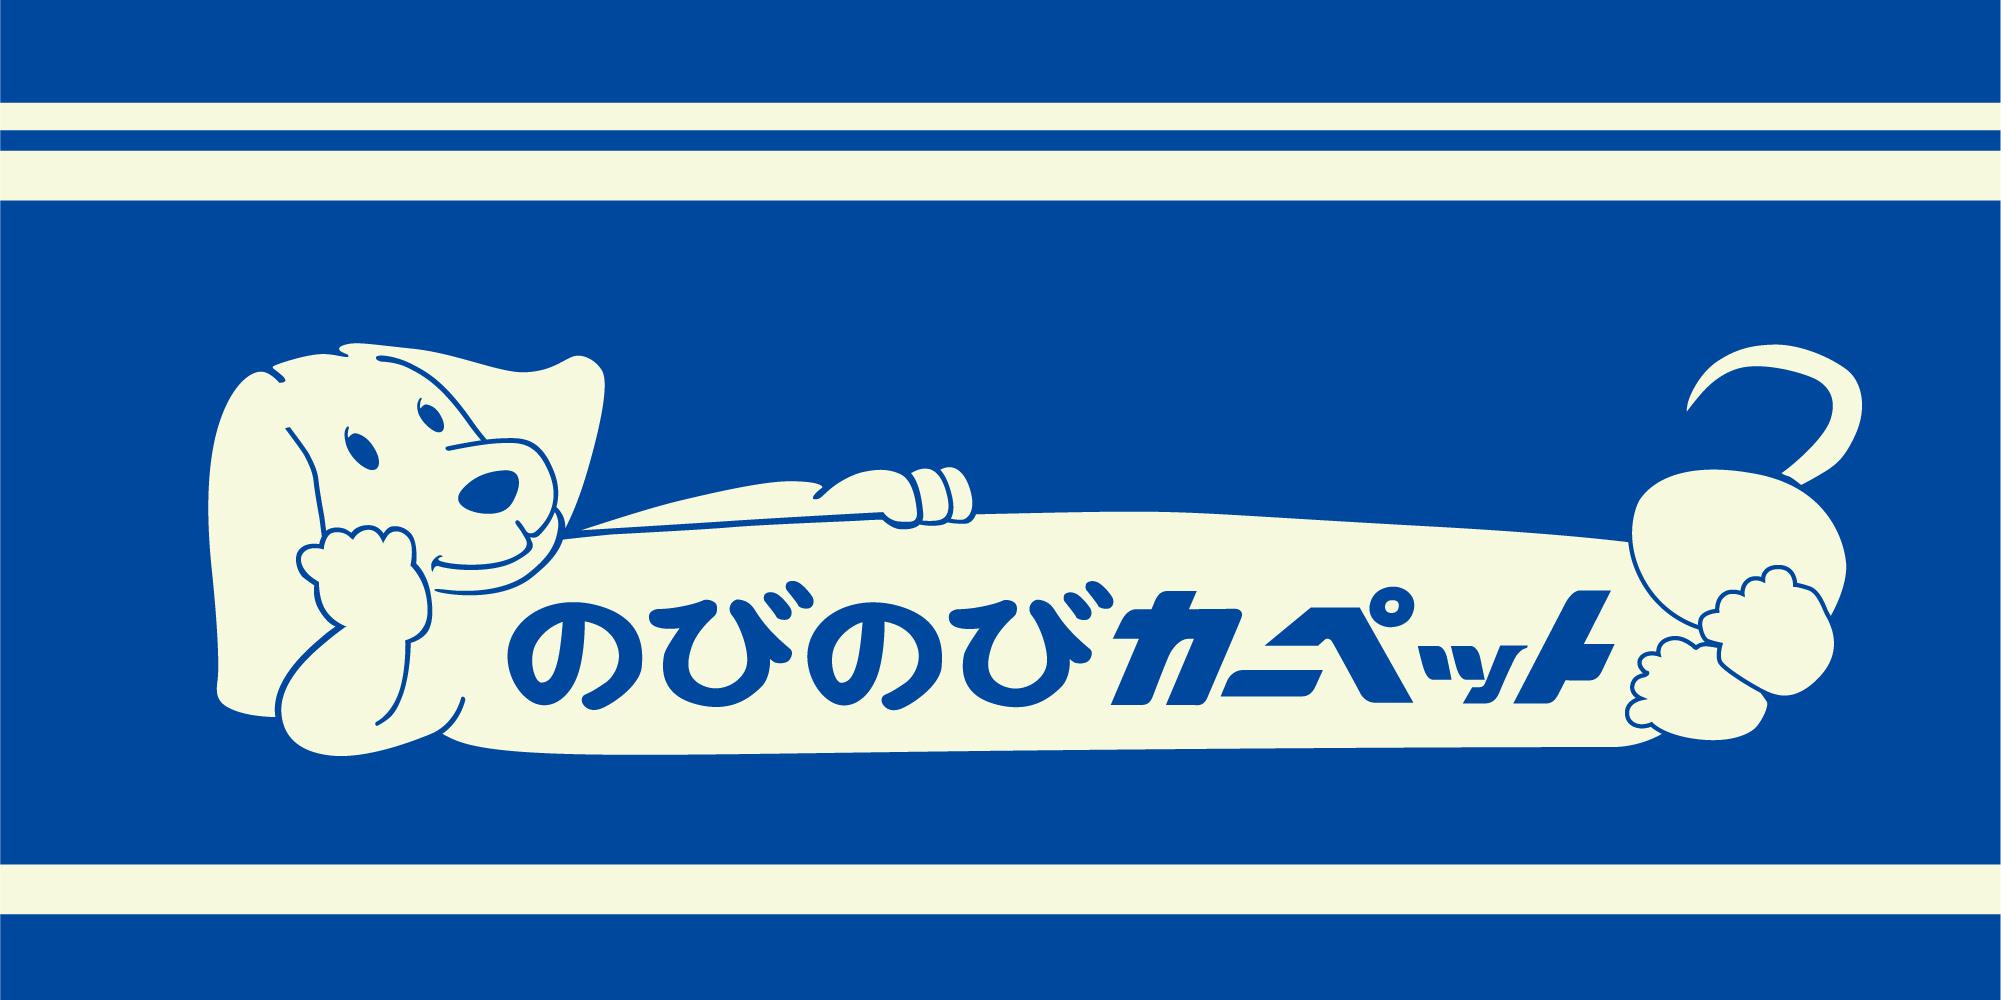 のびのびカーペットカーのロゴマーク